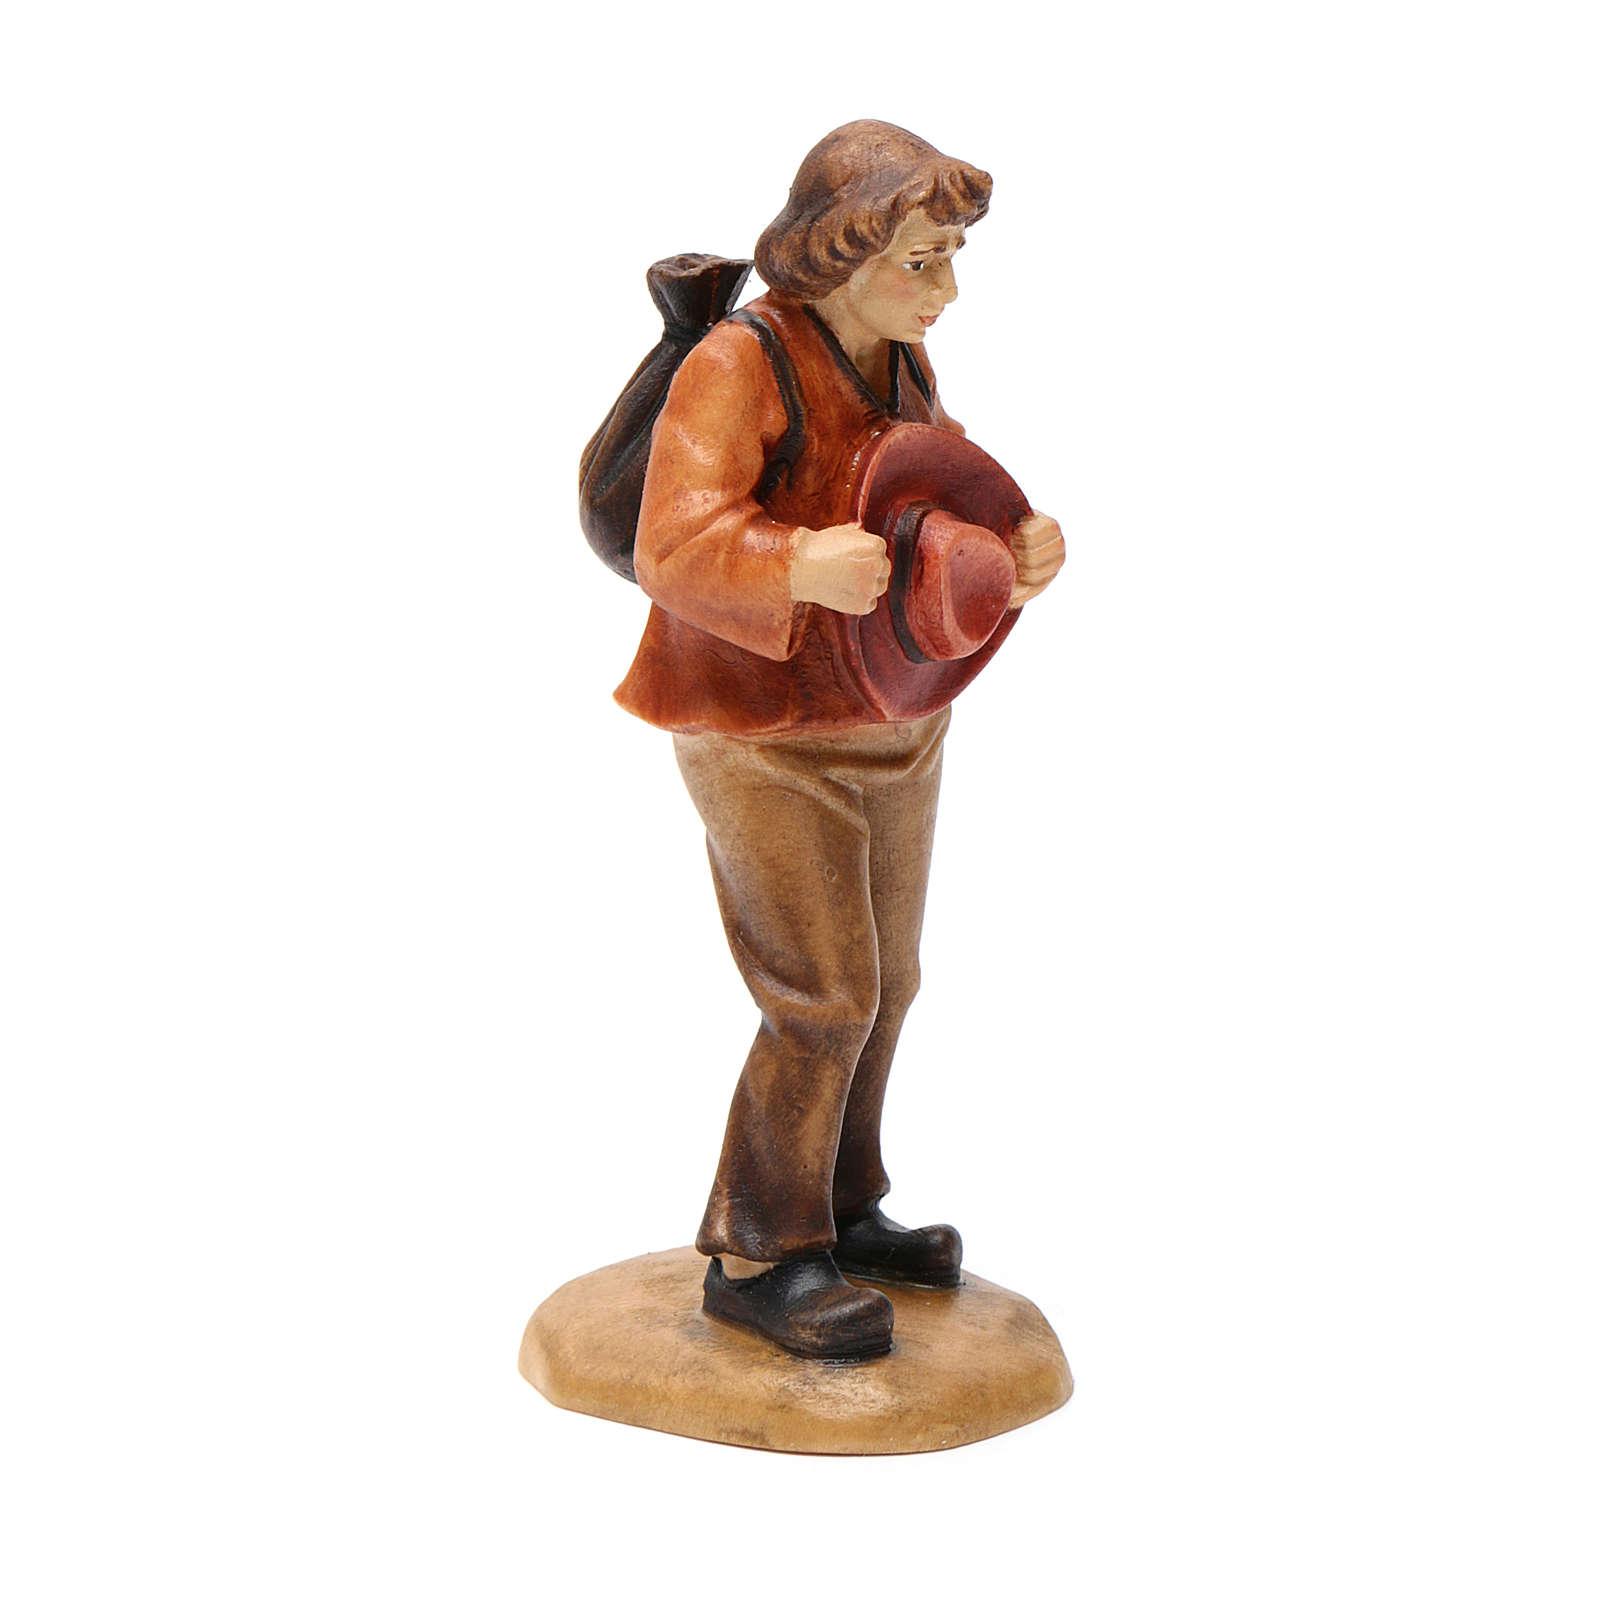 Pastore con cappello 12 cm legno presepe mod. Valgardena 4